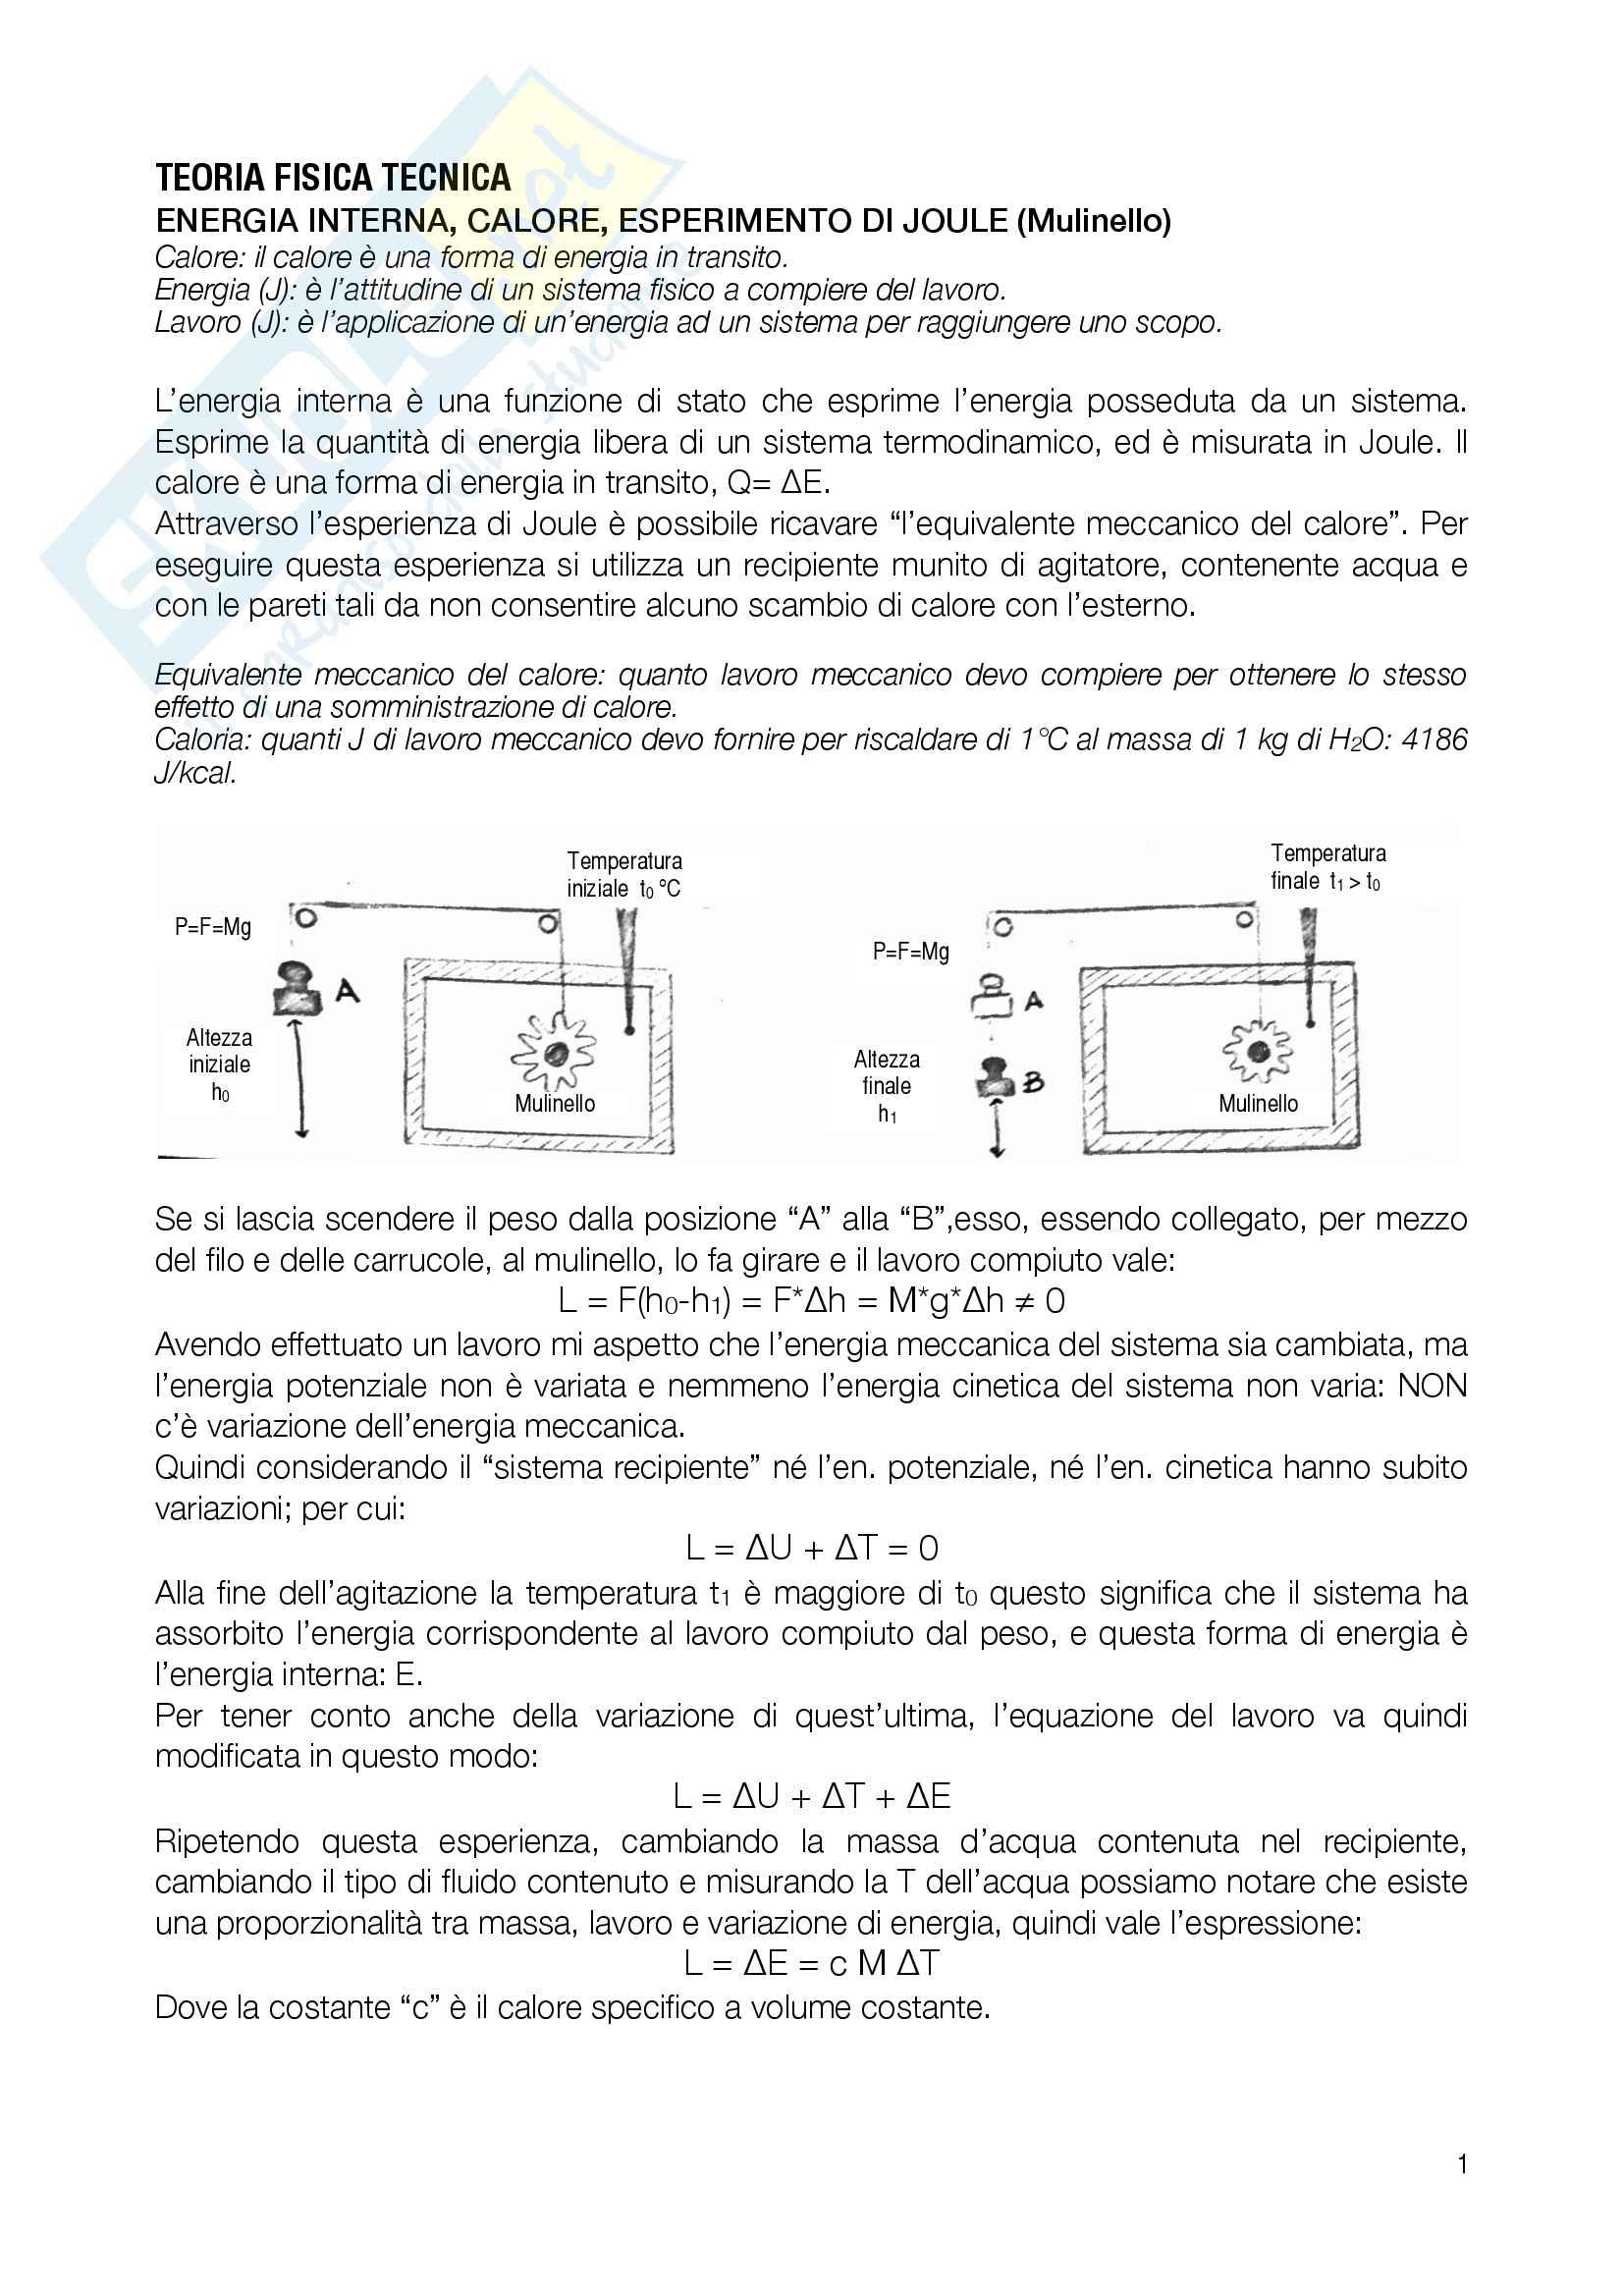 Fisica Tecnica (Domande, Grafico di Mollier, Esercizi d'esame)